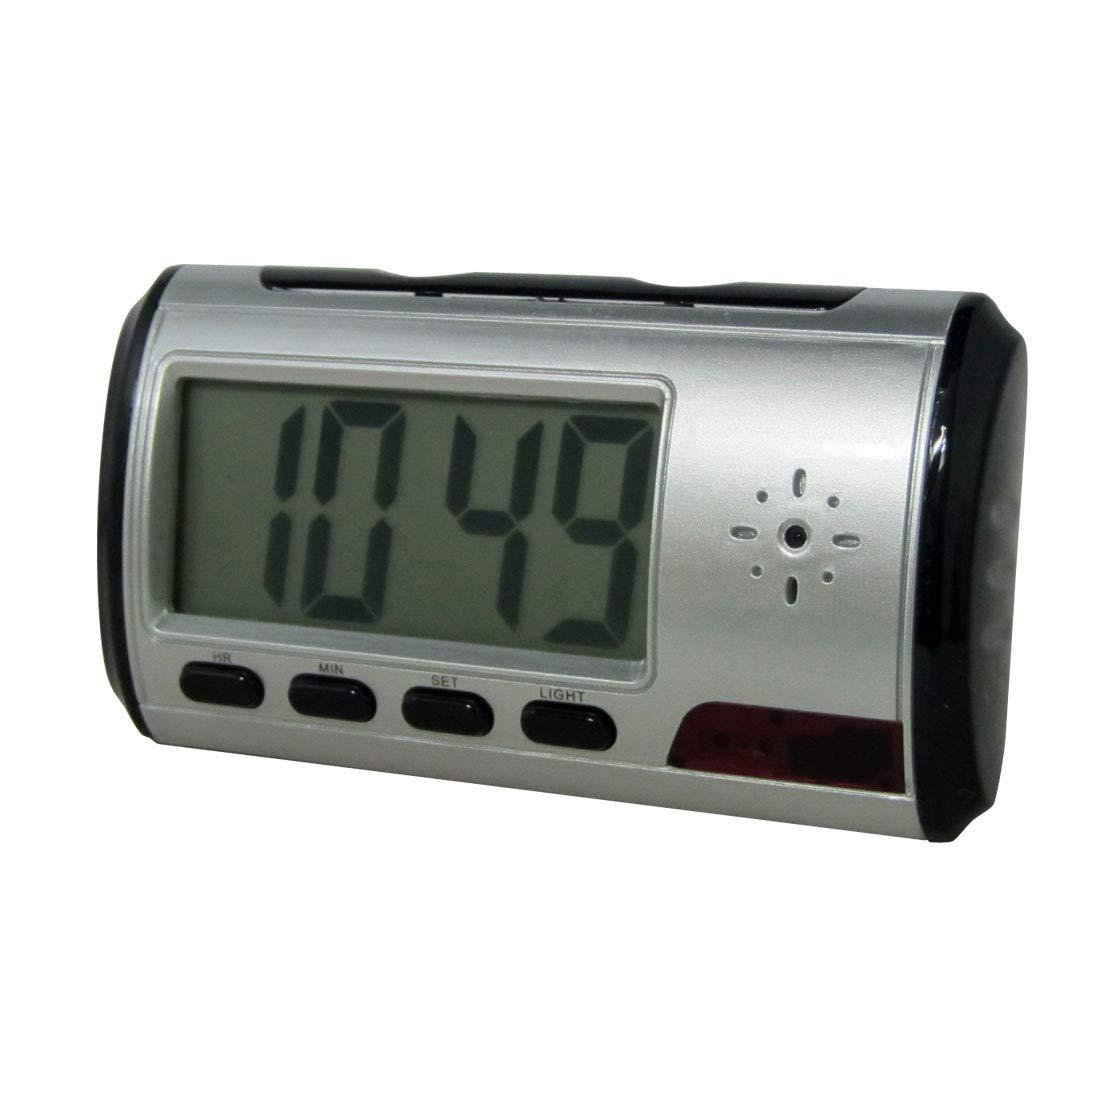 品質満点! 【小型カメラ】置時計型マルチカメラ(匠ブランド)THE 証人シリーズManager2 B004FE1K7Y B004FE1K7Y, ゴセンシ:3b5d4e3a --- a0267596.xsph.ru